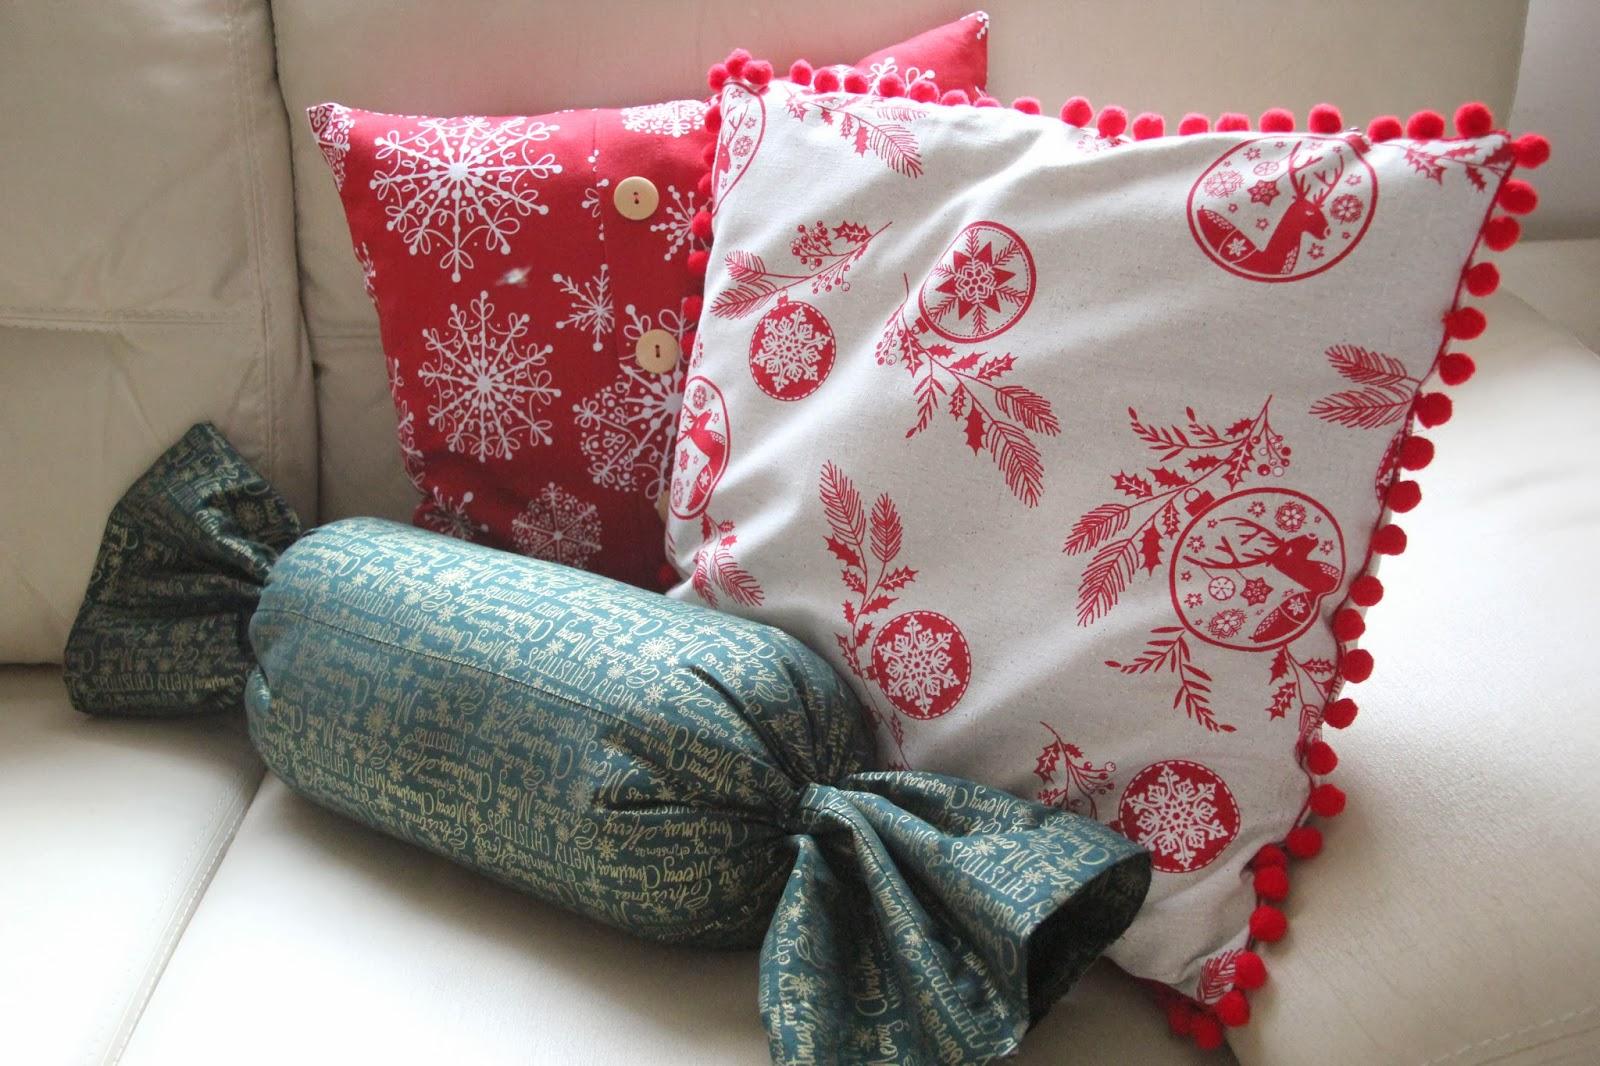 Diy navidad c mo hacer cojines para decorar tu casa en - Fotos de cojines decorativos ...